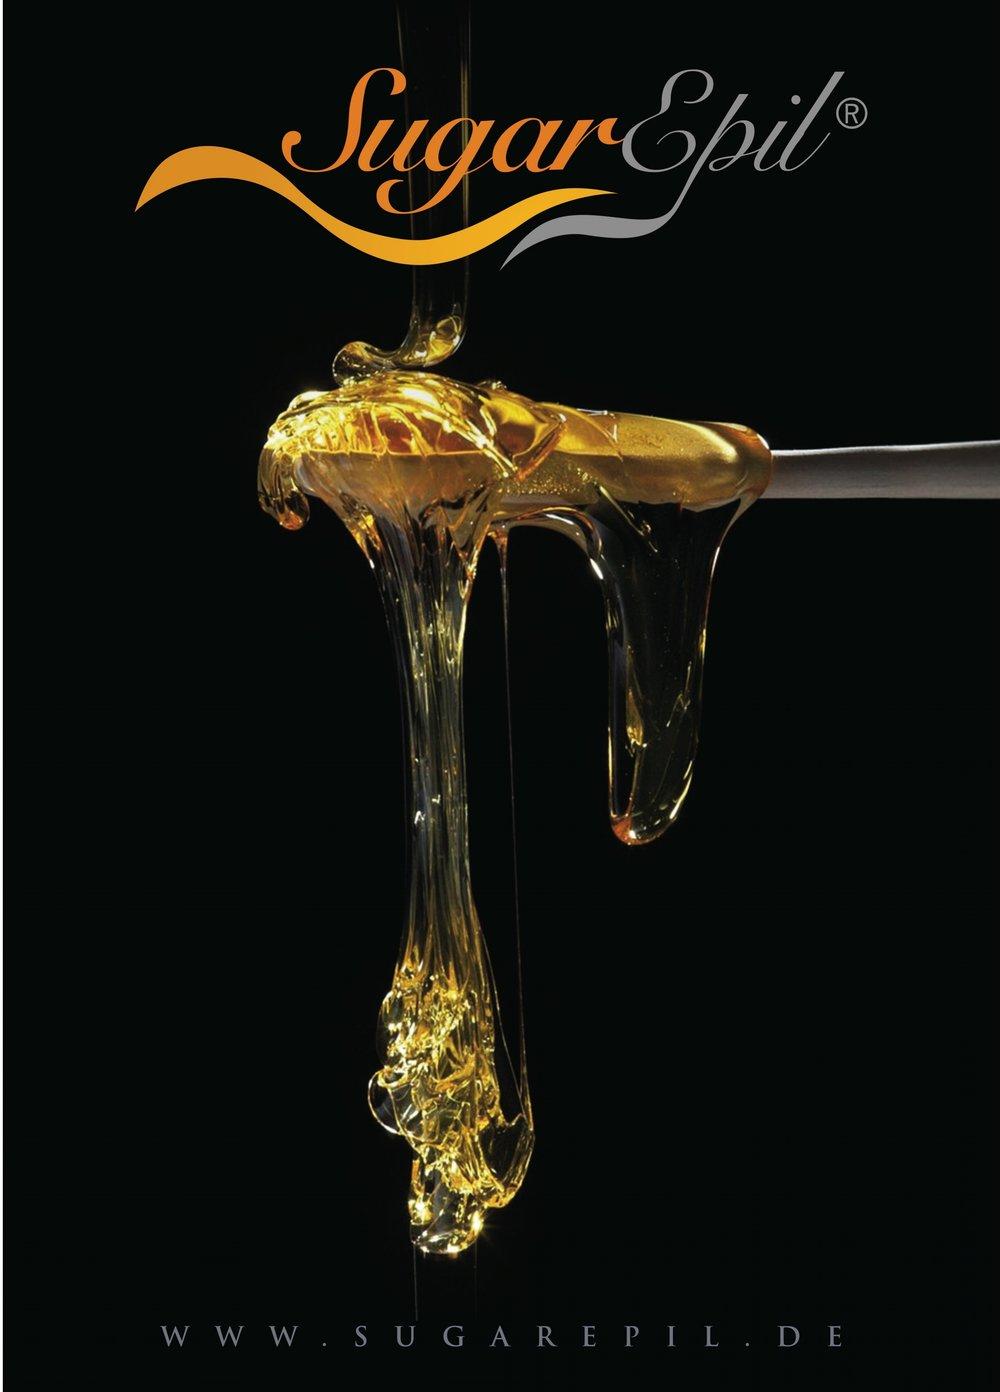 Die Zuckerpaste von SugarEpil® - ist eine 100% natürliche Paste – leicht aufzutragen, sanft in der Anwendung, parfüm- und chemiefrei, hautverträglich, allergikergeeingnet, ergiebig und dadurch effizient. Die Paste klebt nur am Haar und erfasst es weit unten im Follikel, sodaß sämtliche Haare, auch sehr kurze, erfasst und entfernt werden. Auch verbessern sich Hautzustand und Hautbild durch ein leichtes Peeling der Hautoberfläche.